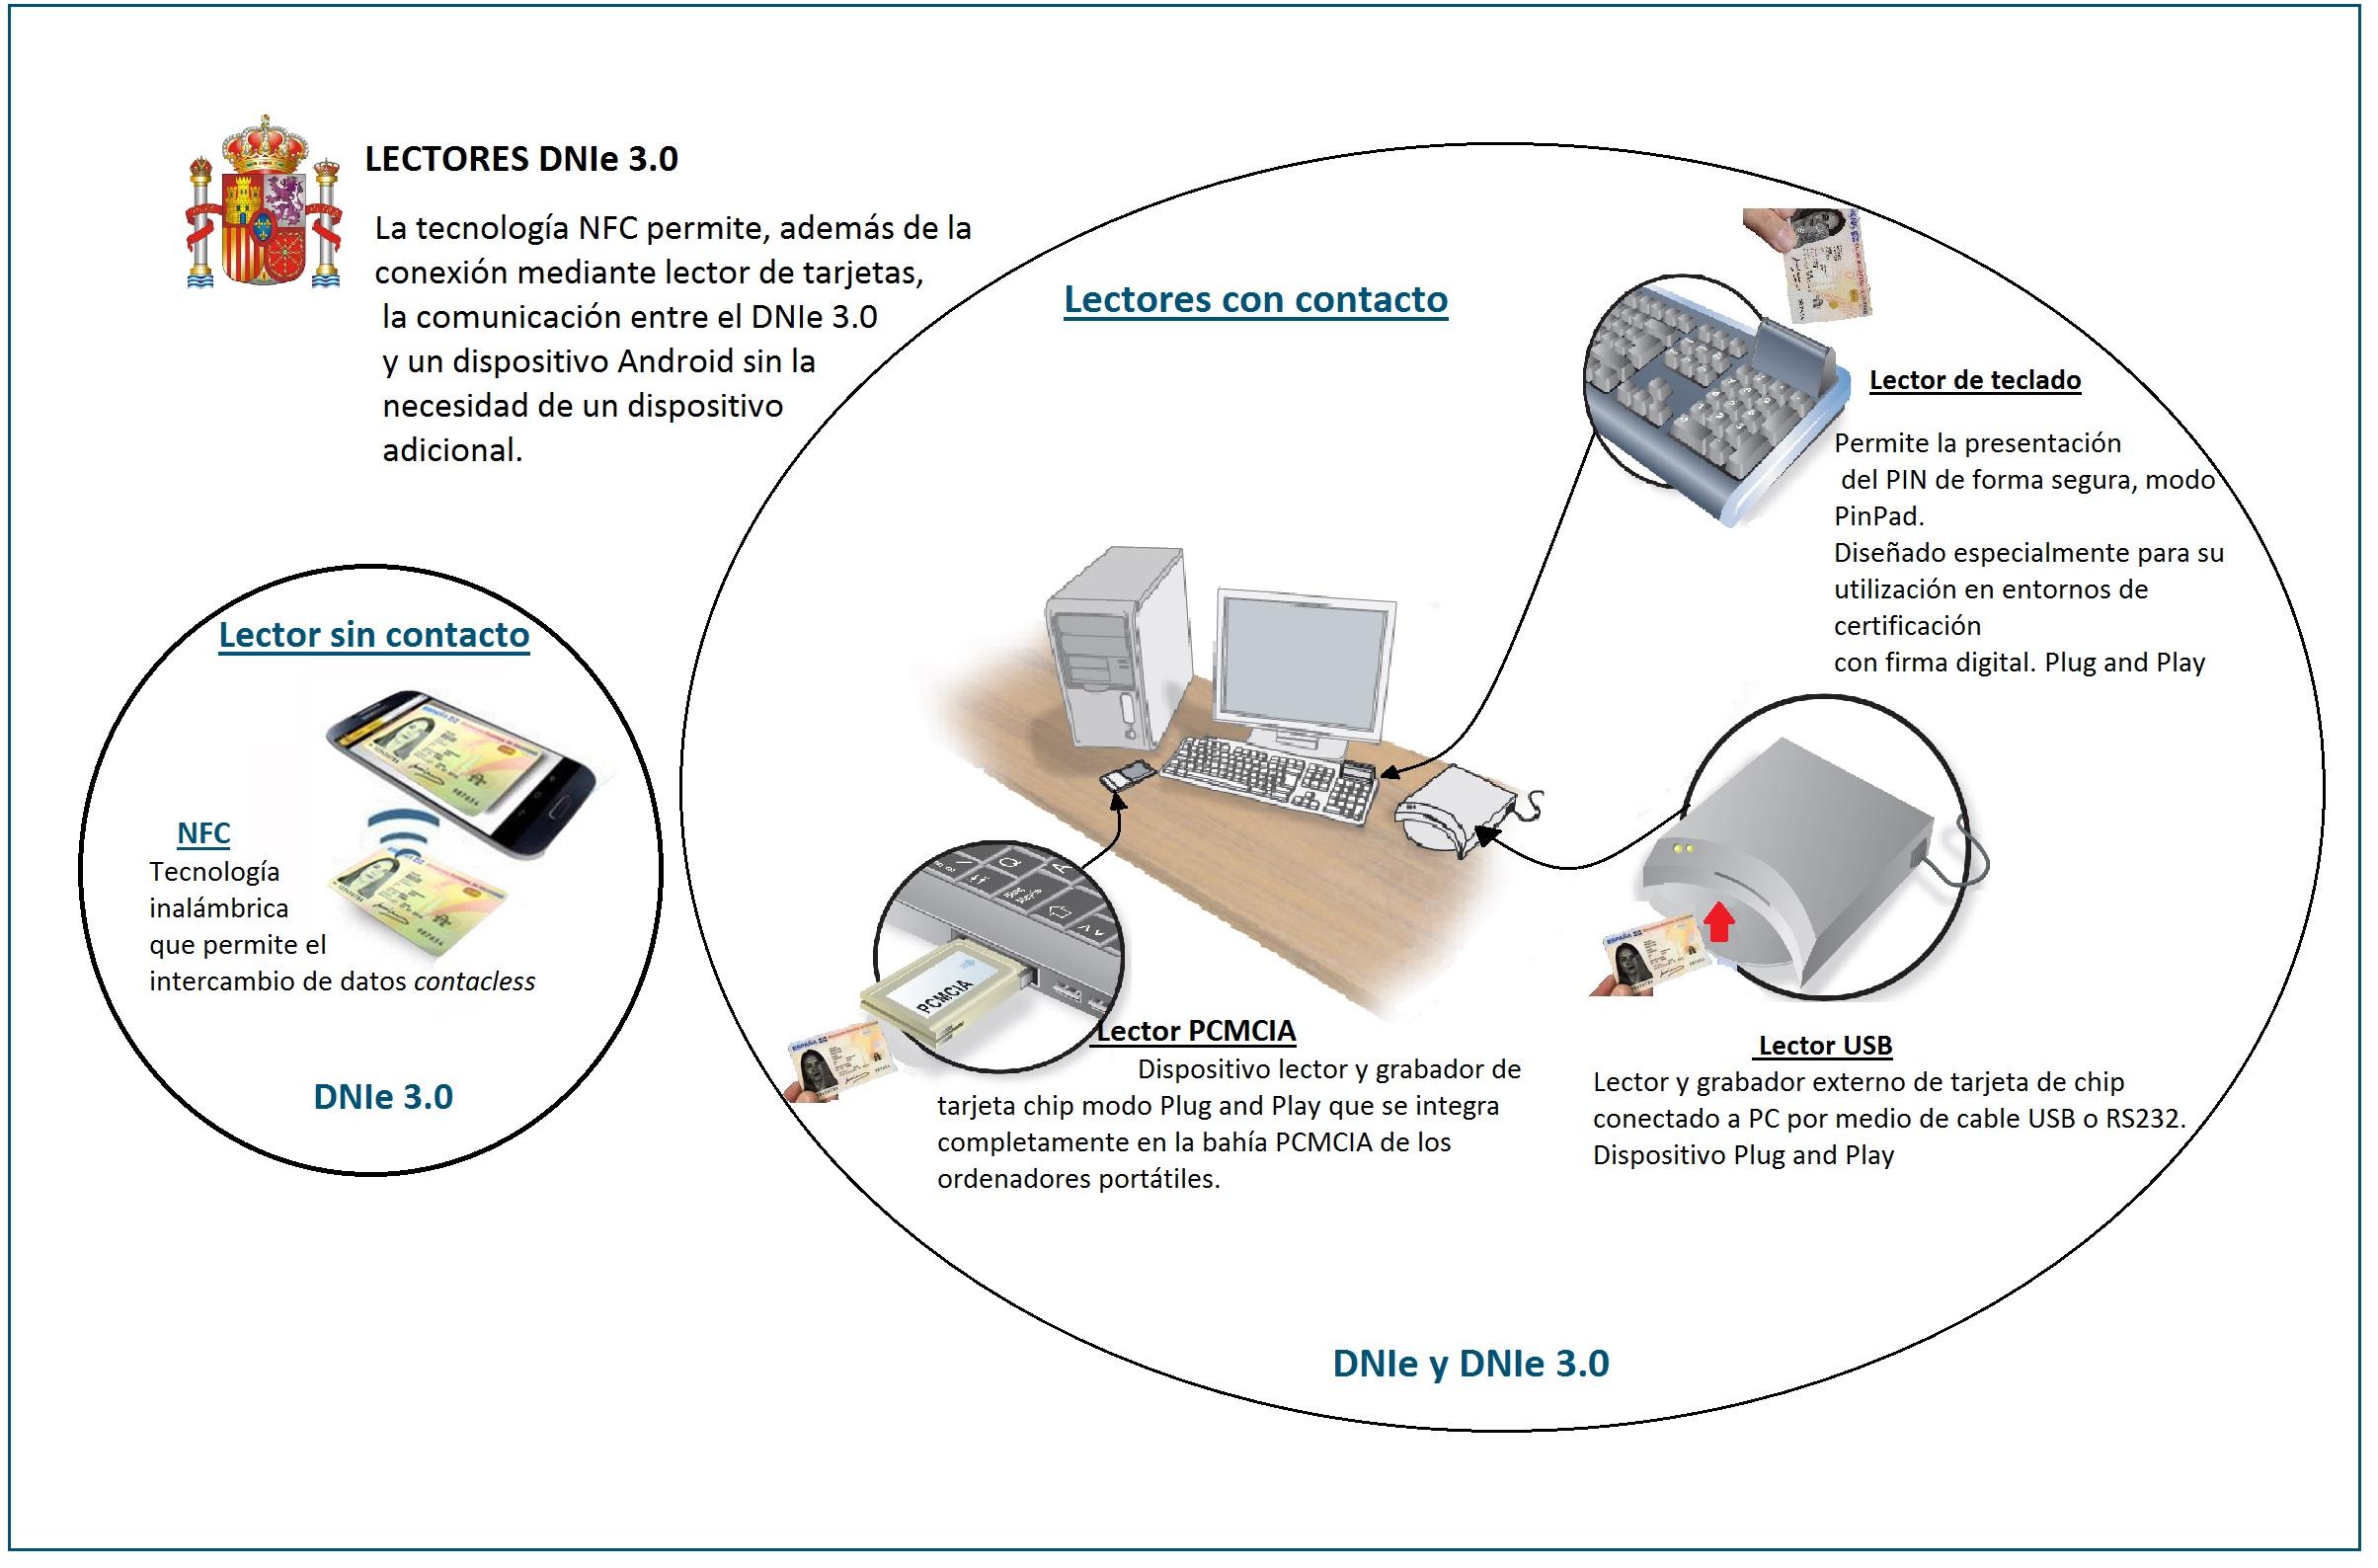 Qué hace falta para usar el DNI electrónico